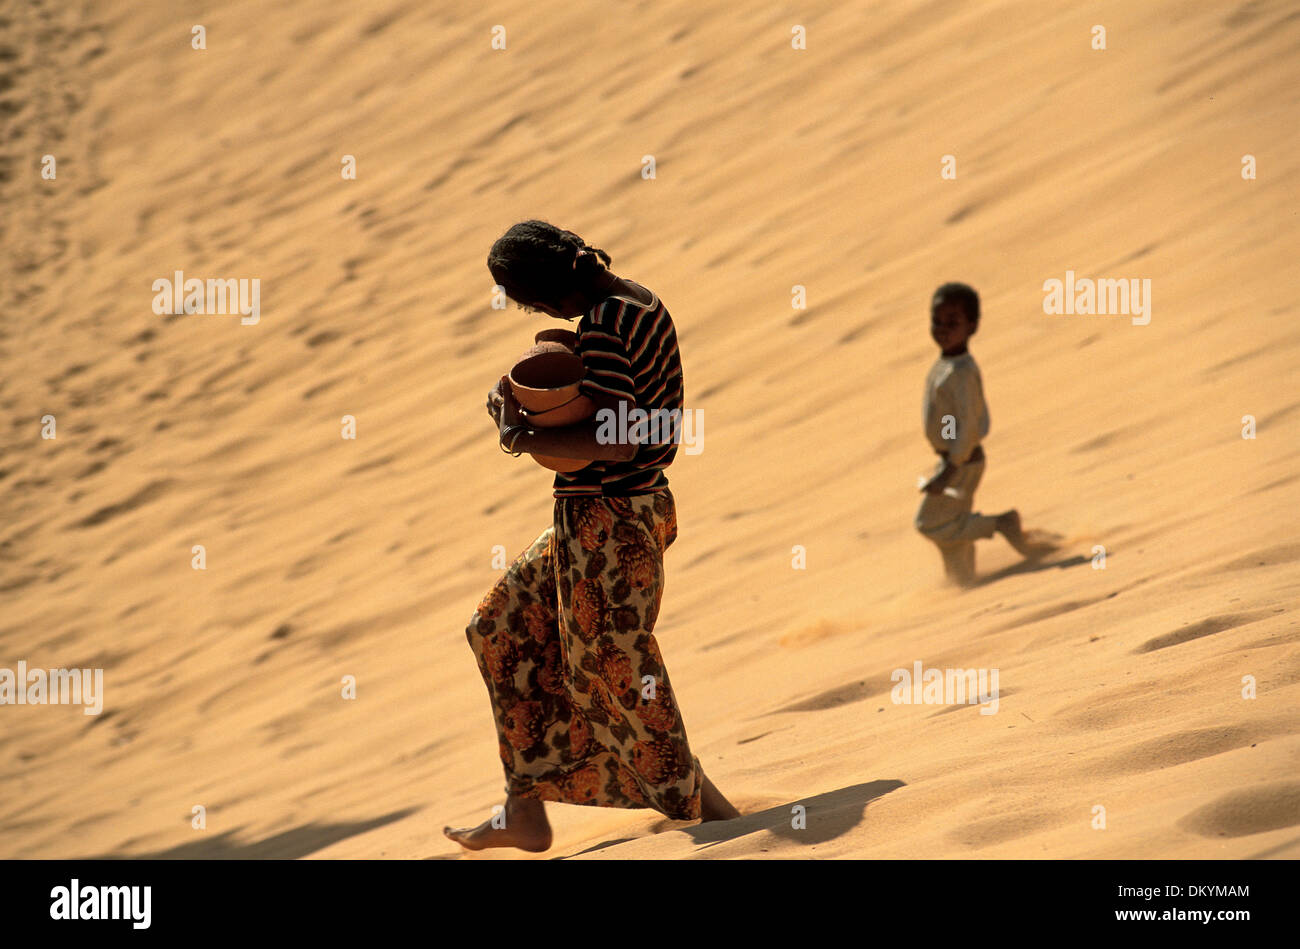 Popolazione Tuareg di Timimoun in Algeria. Immagini Stock